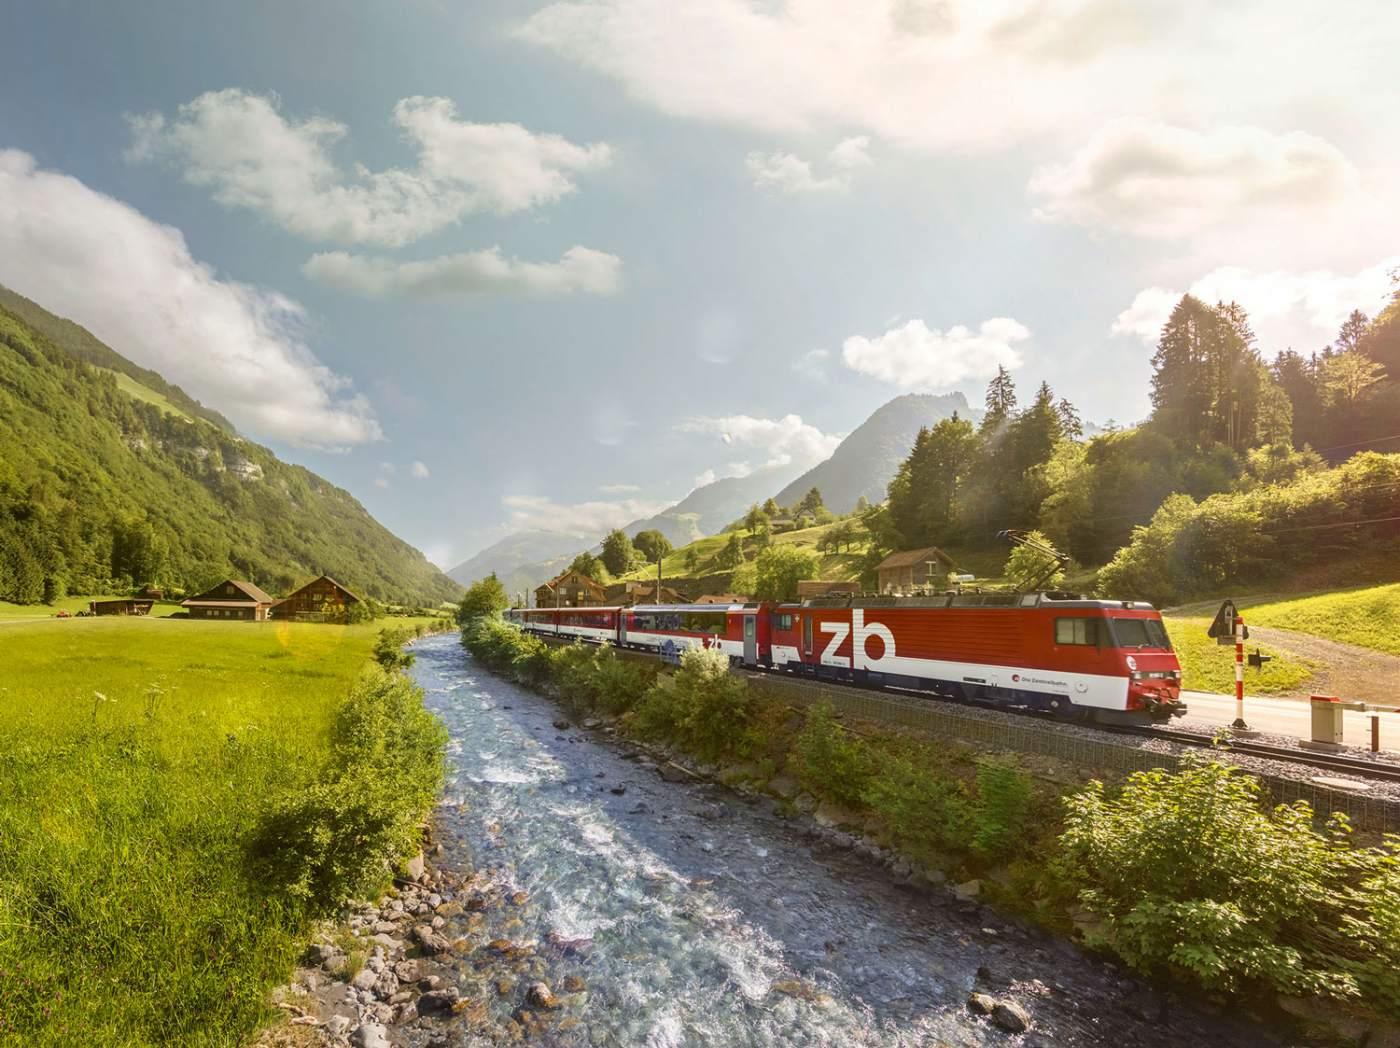 Luzern-Engelberg Express